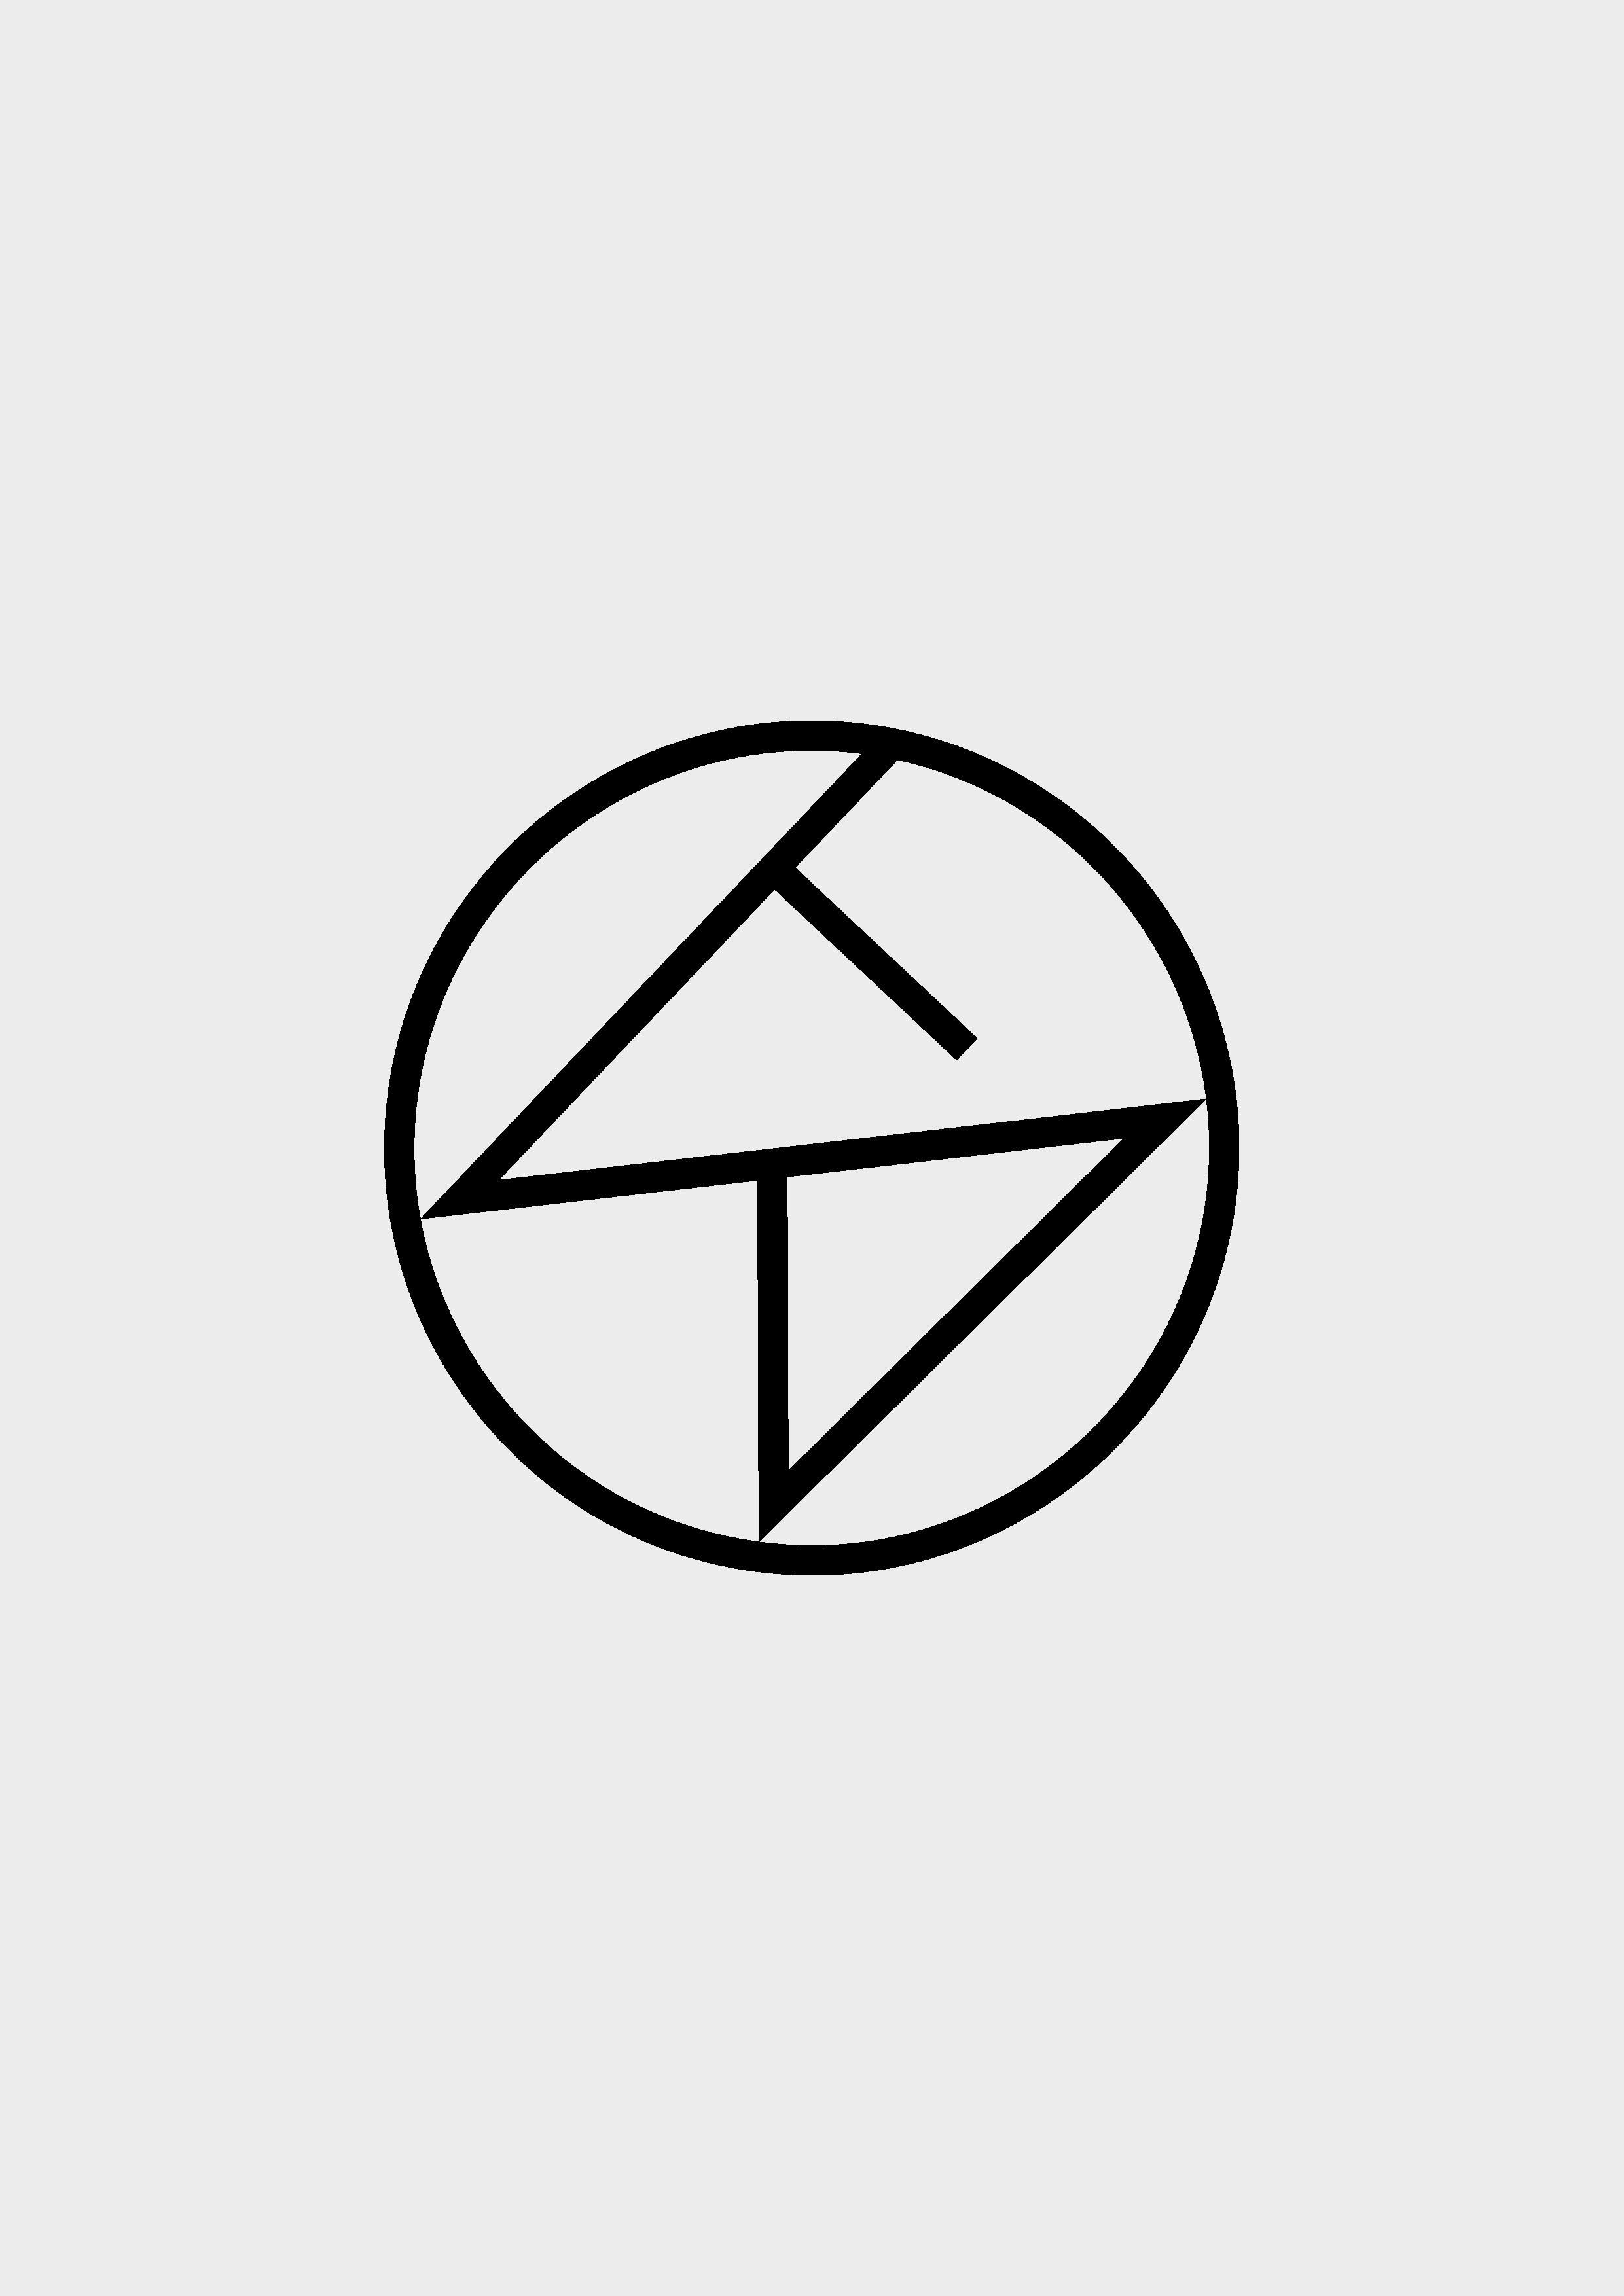 inface_logo2.jpg